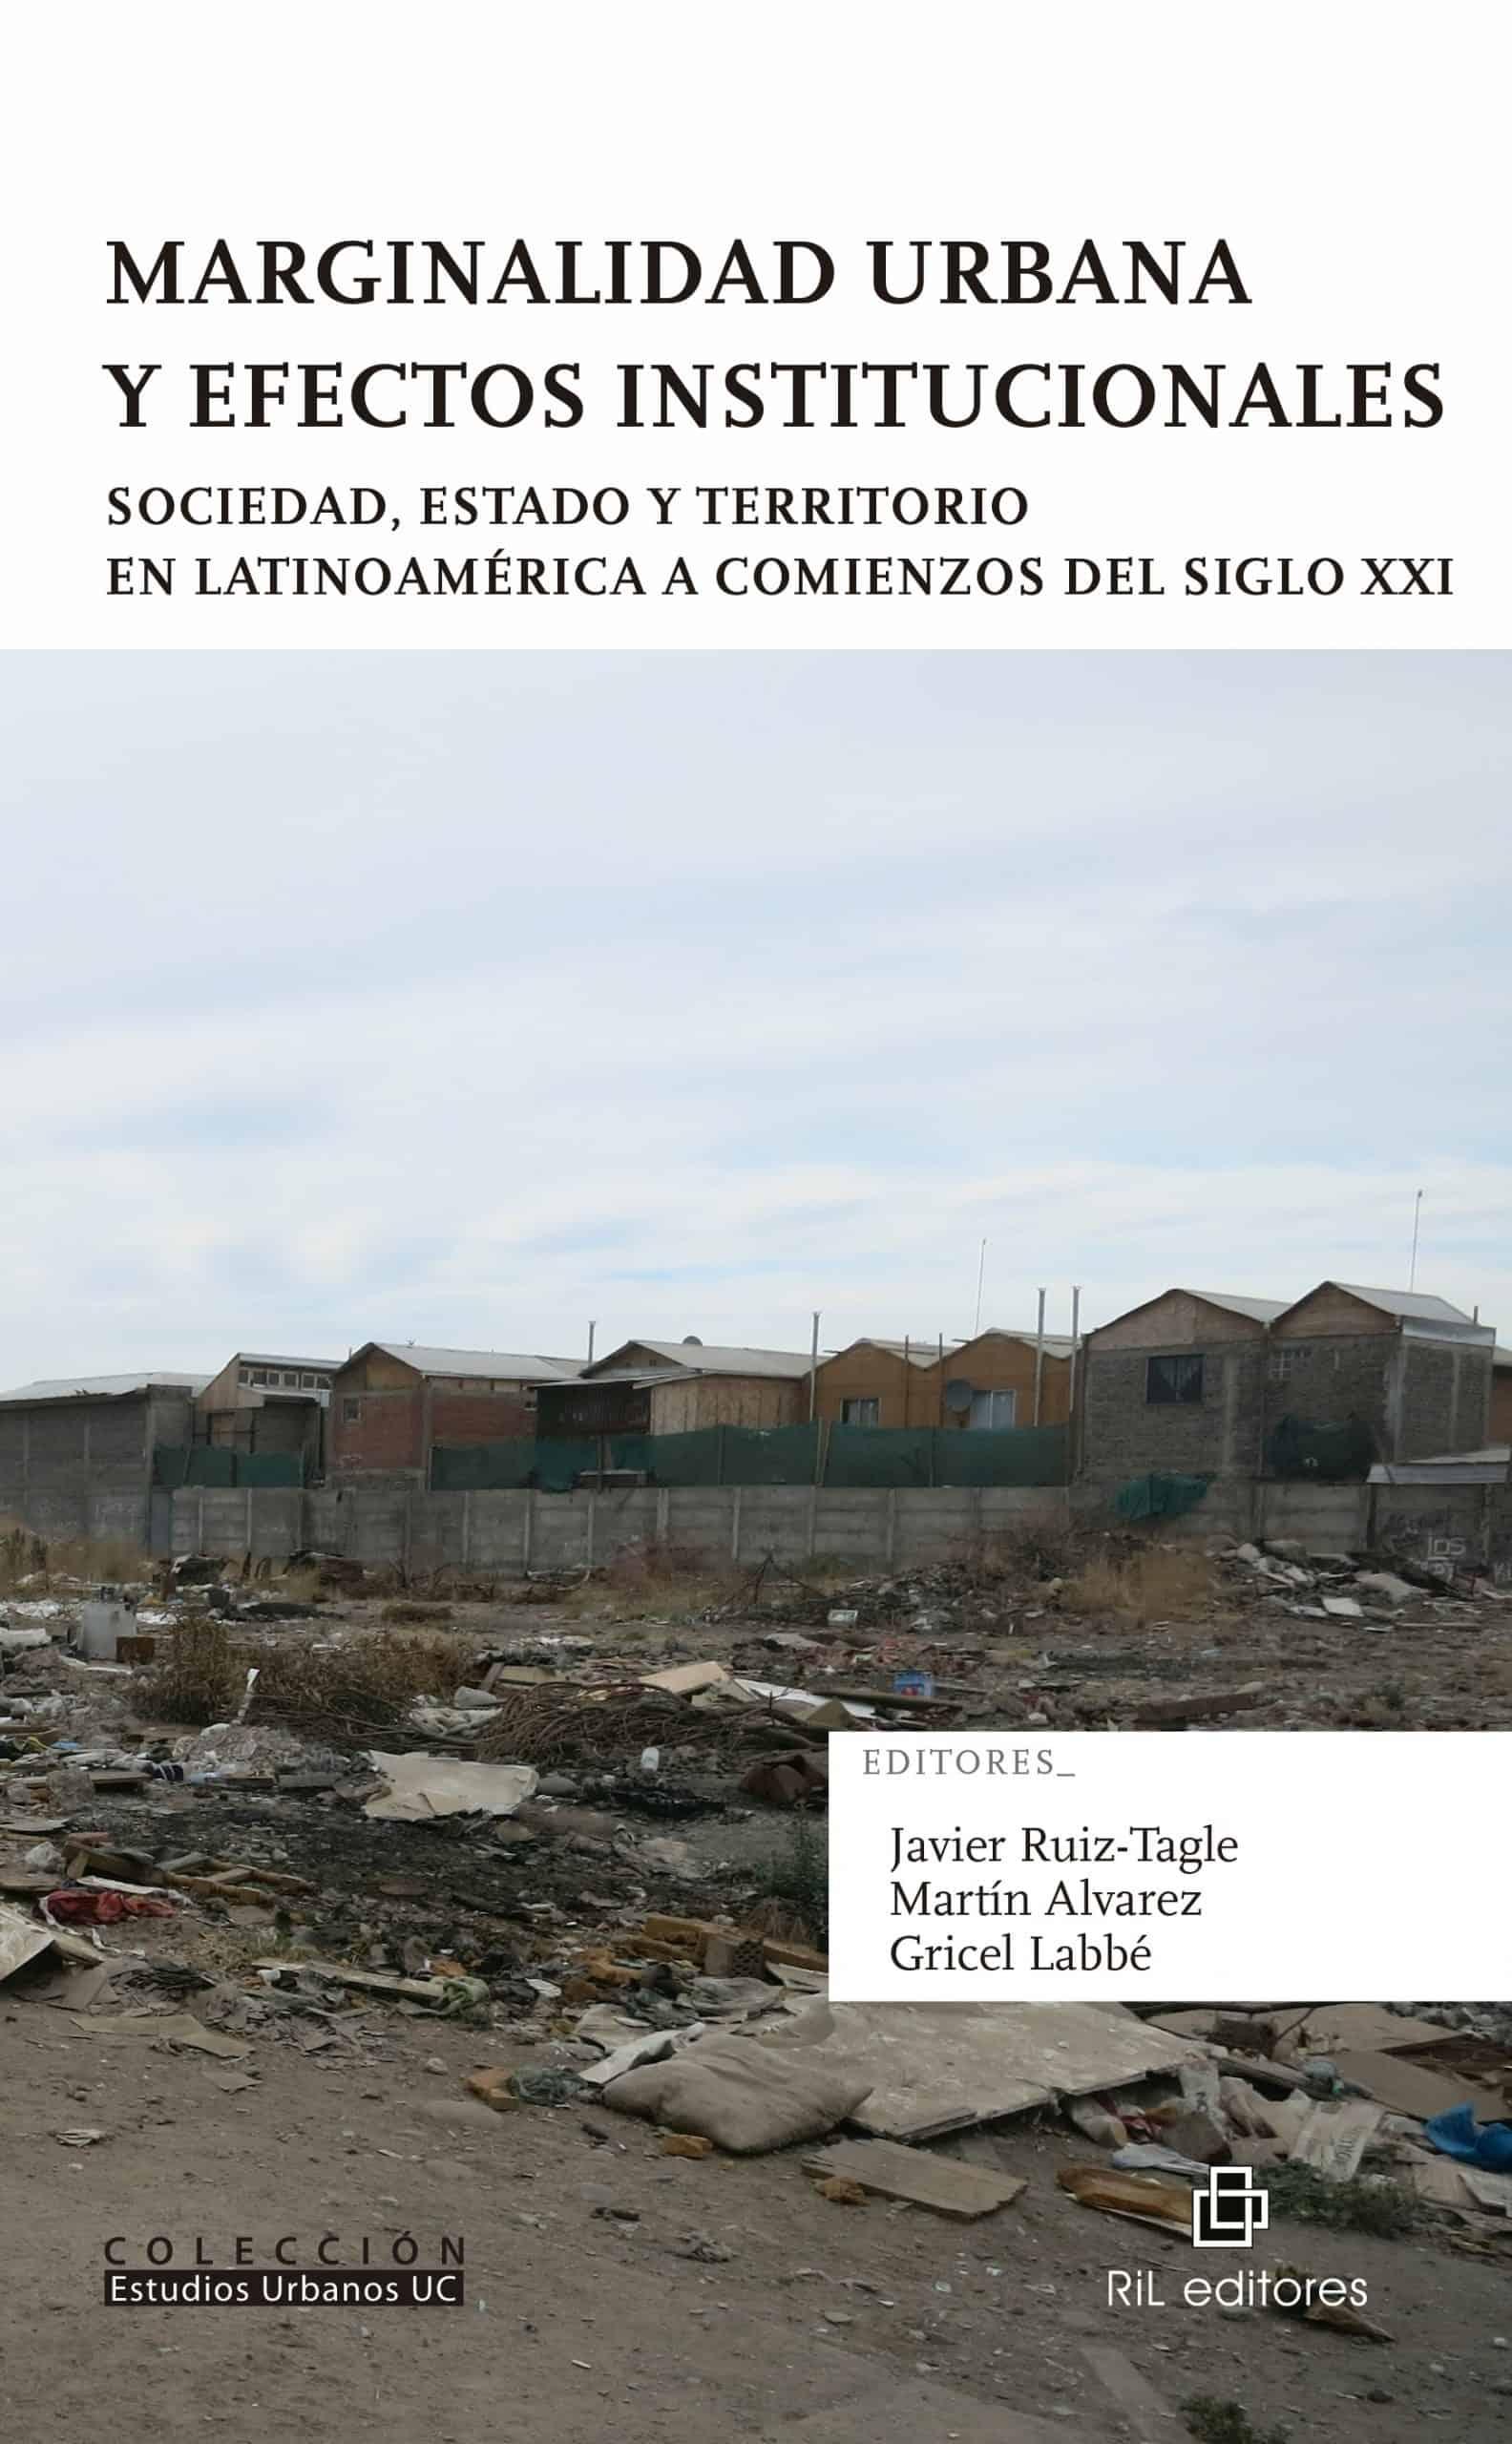 Marginalidad urbana y efectos institucionales. Sociedad, Estado y territorio en Latinoamérica a comienzos del siglo XXI 1